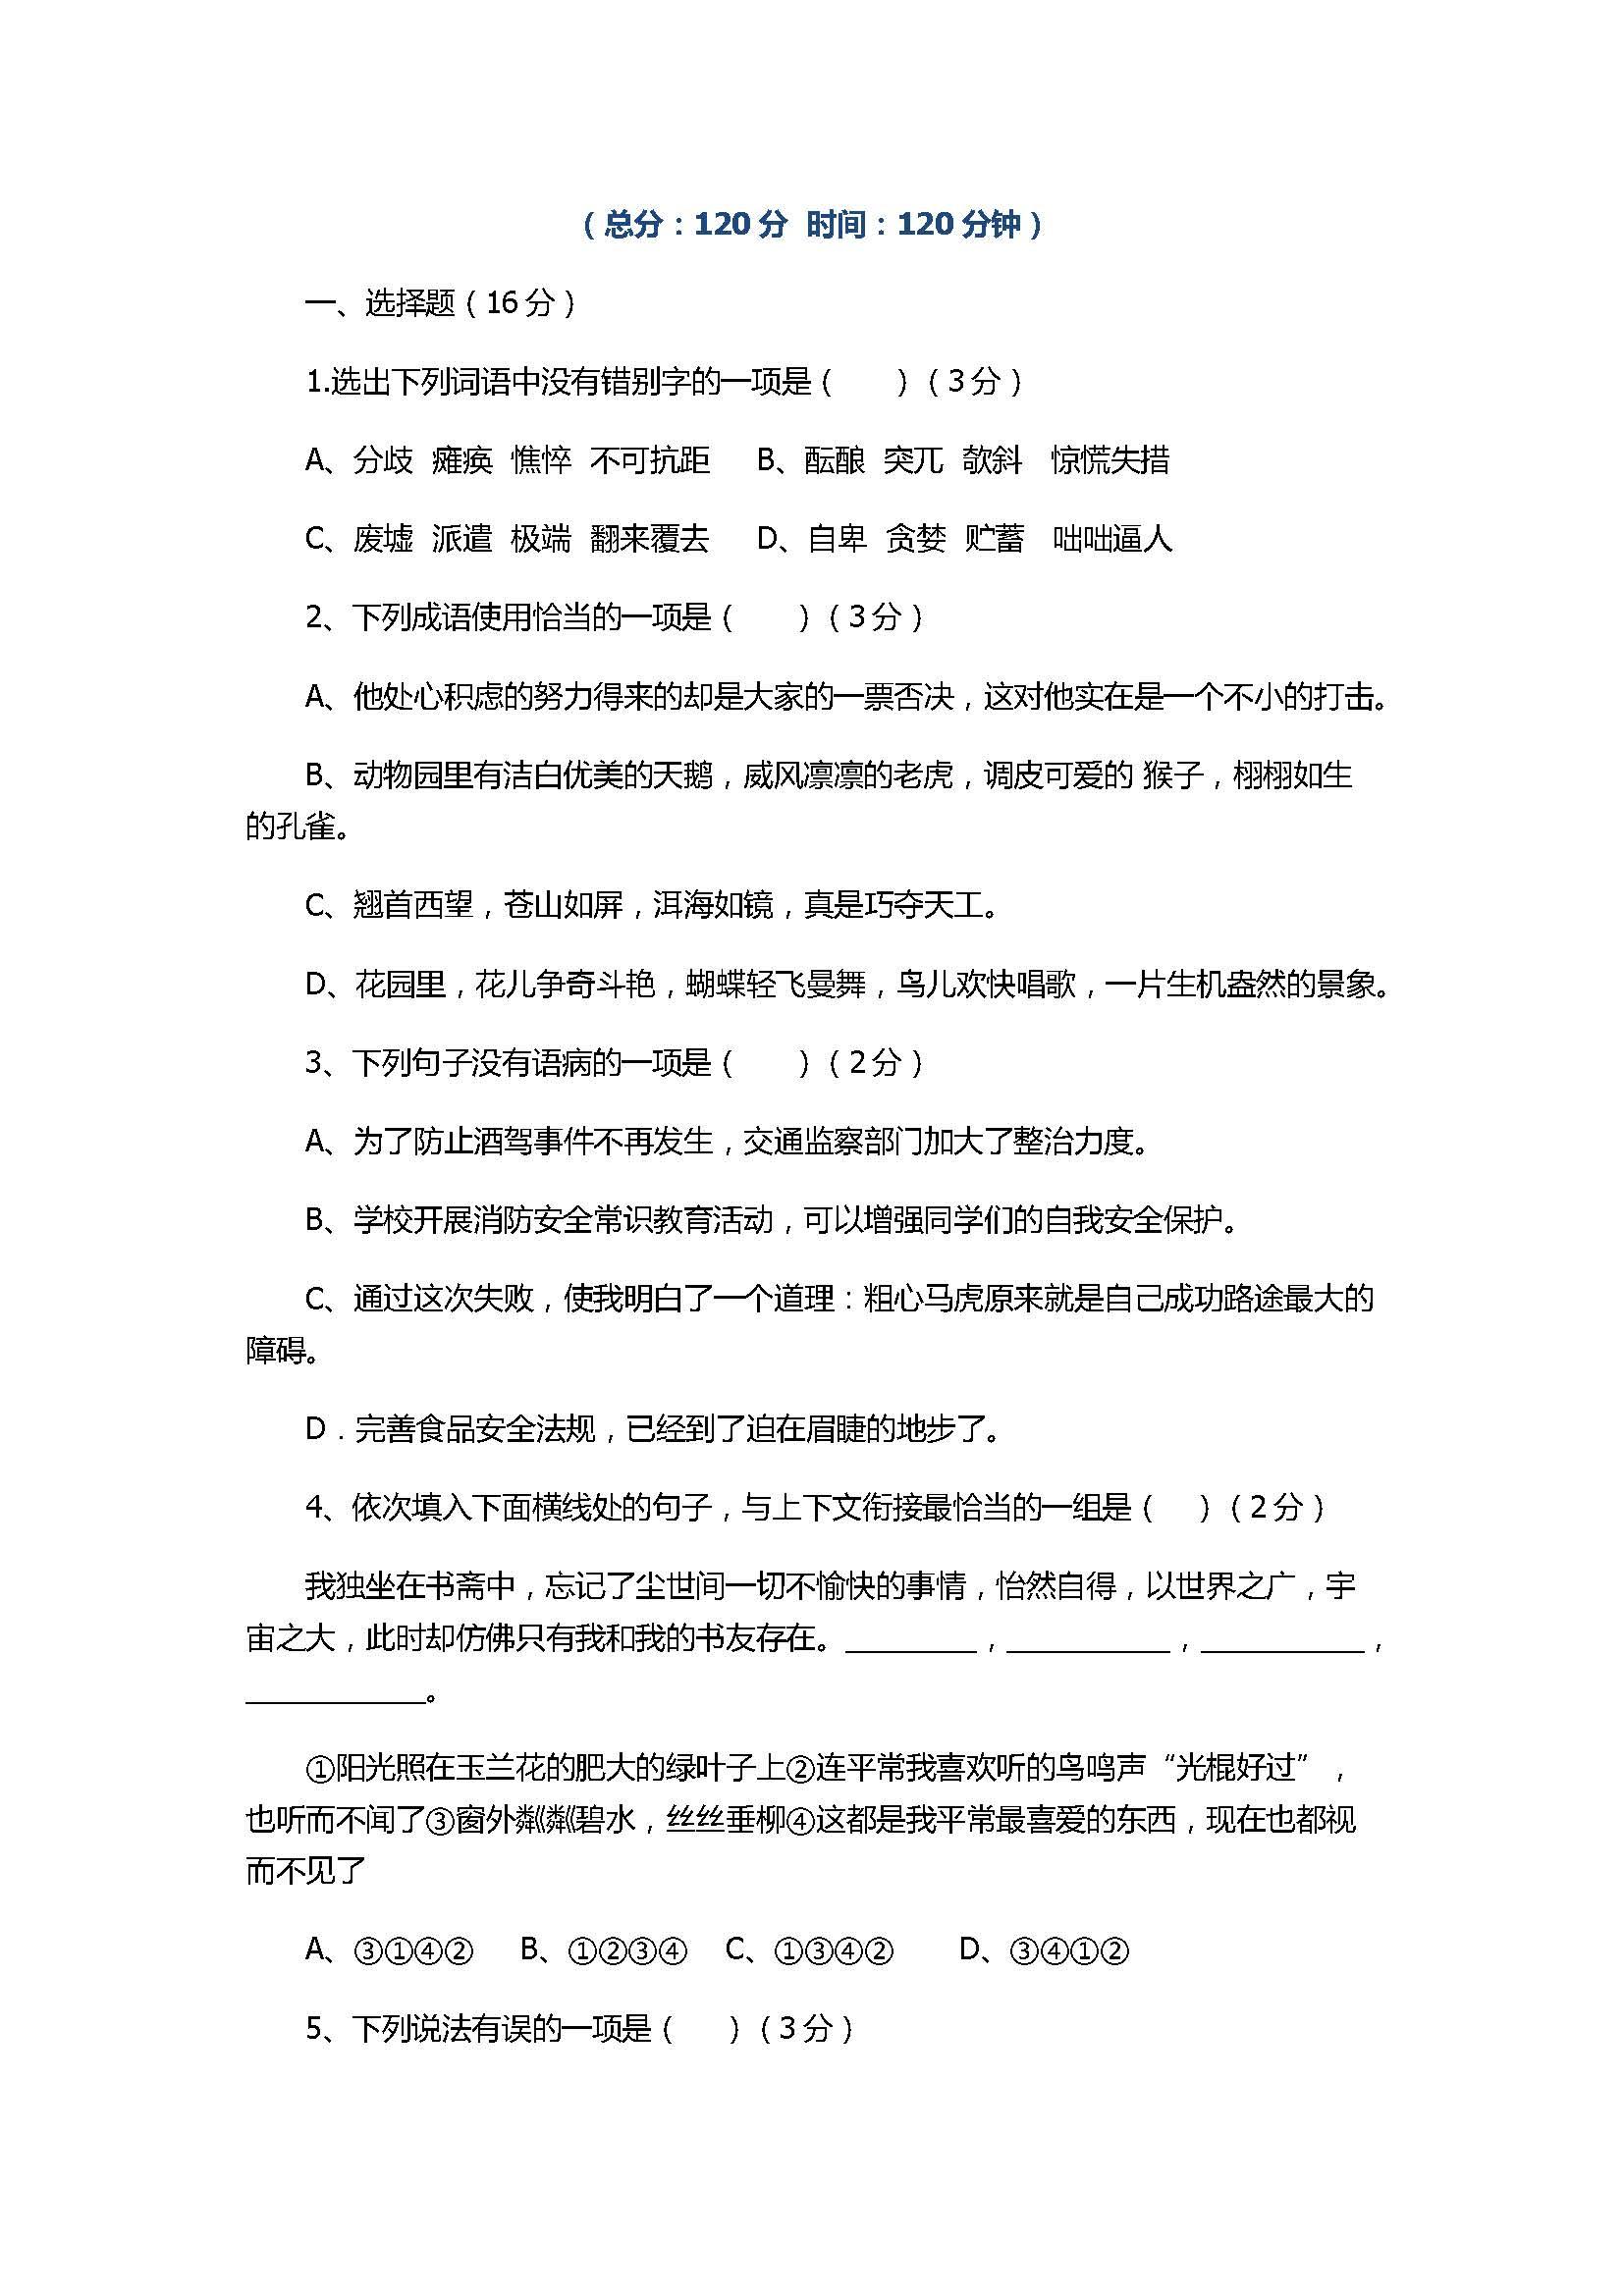 语文版2017七年级语文上册期中测试题含答案(来凤中学)